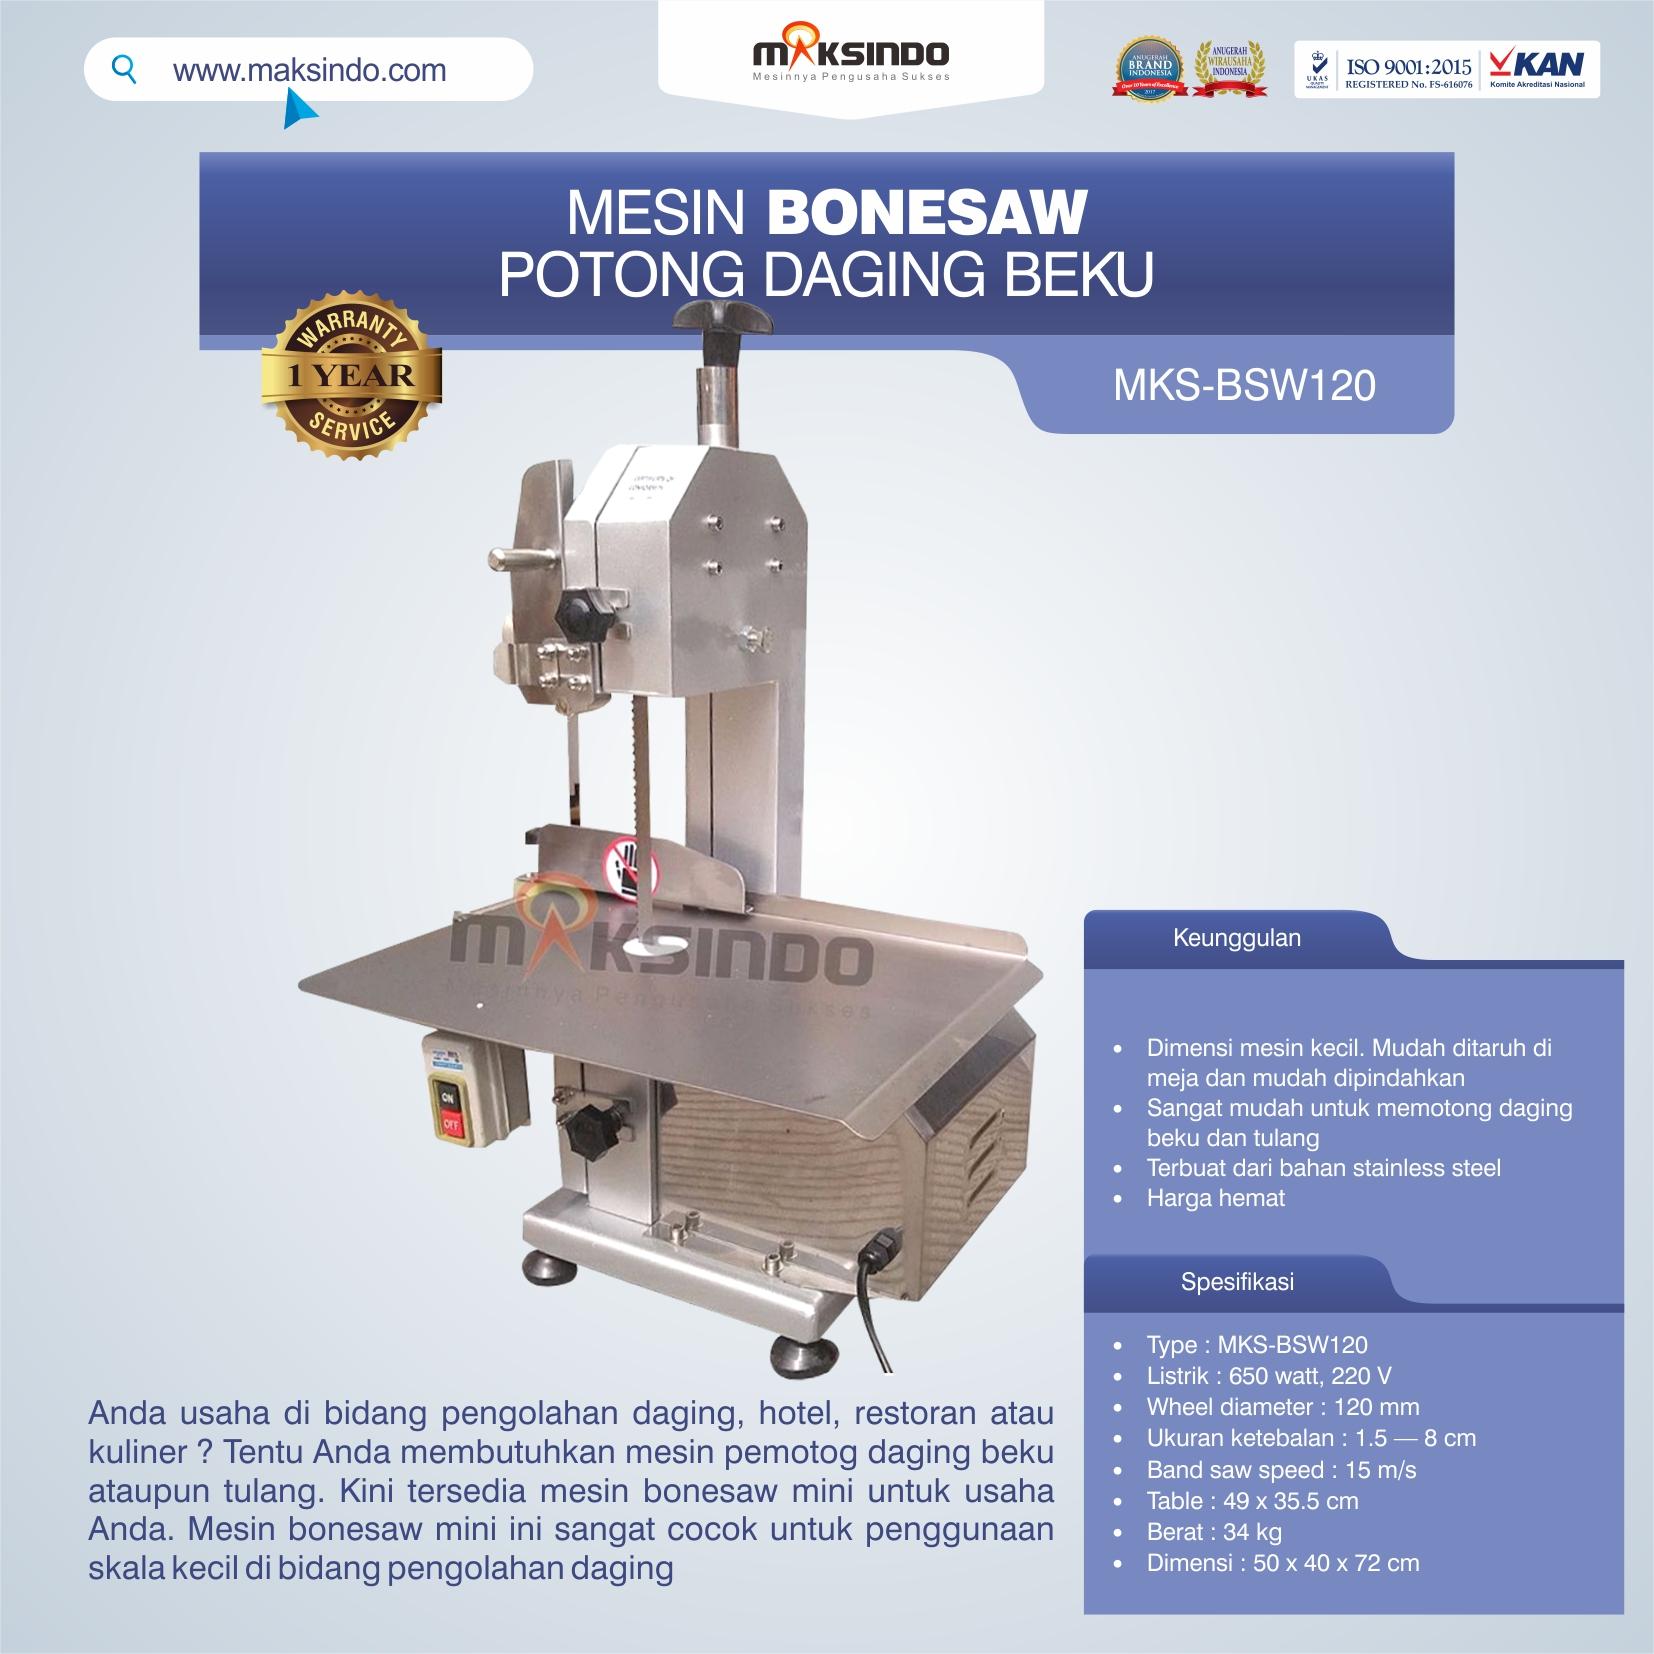 Jual Bonesaw Pemotong Daging Beku (MKS-BSW120) di Medan